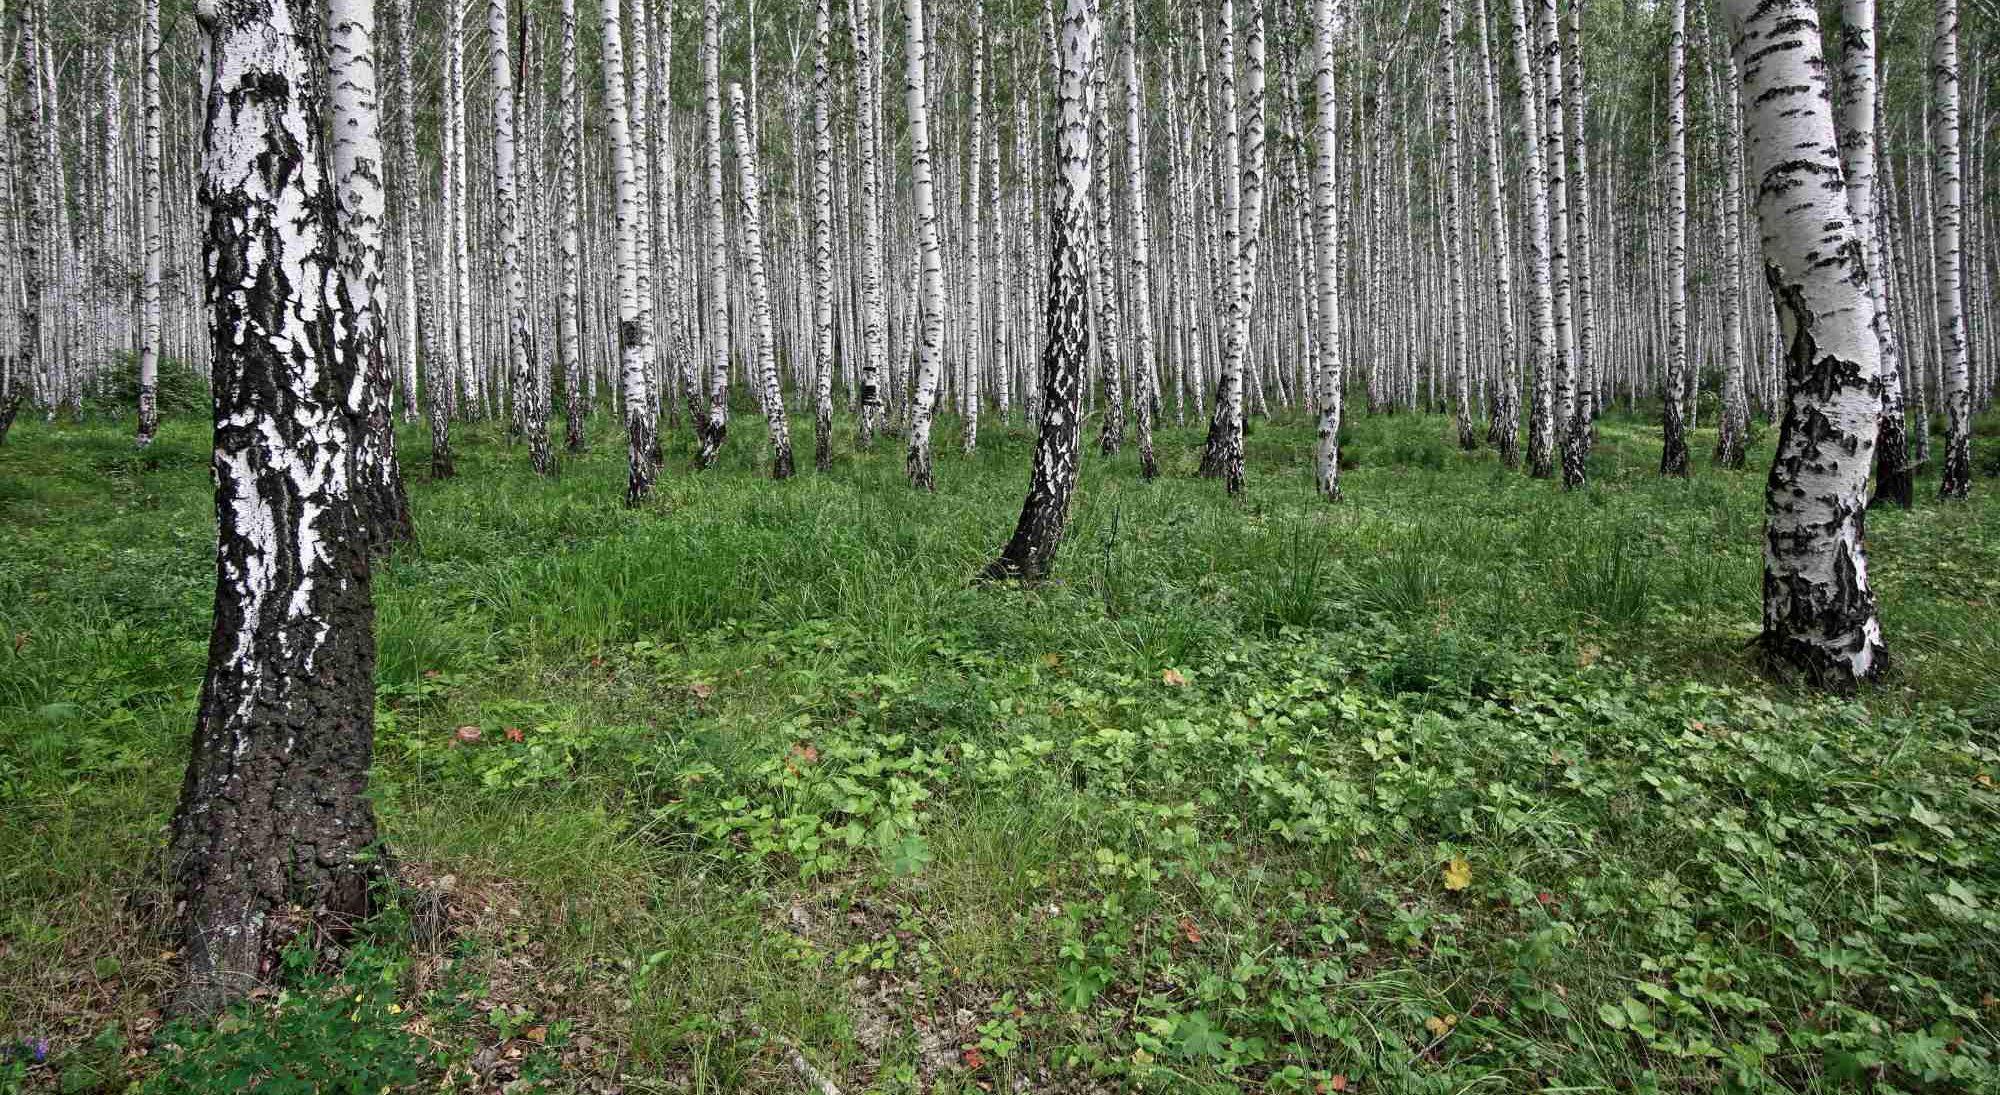 Brezovi gozdovi, stalni spremljevalec v južni Sibiriji